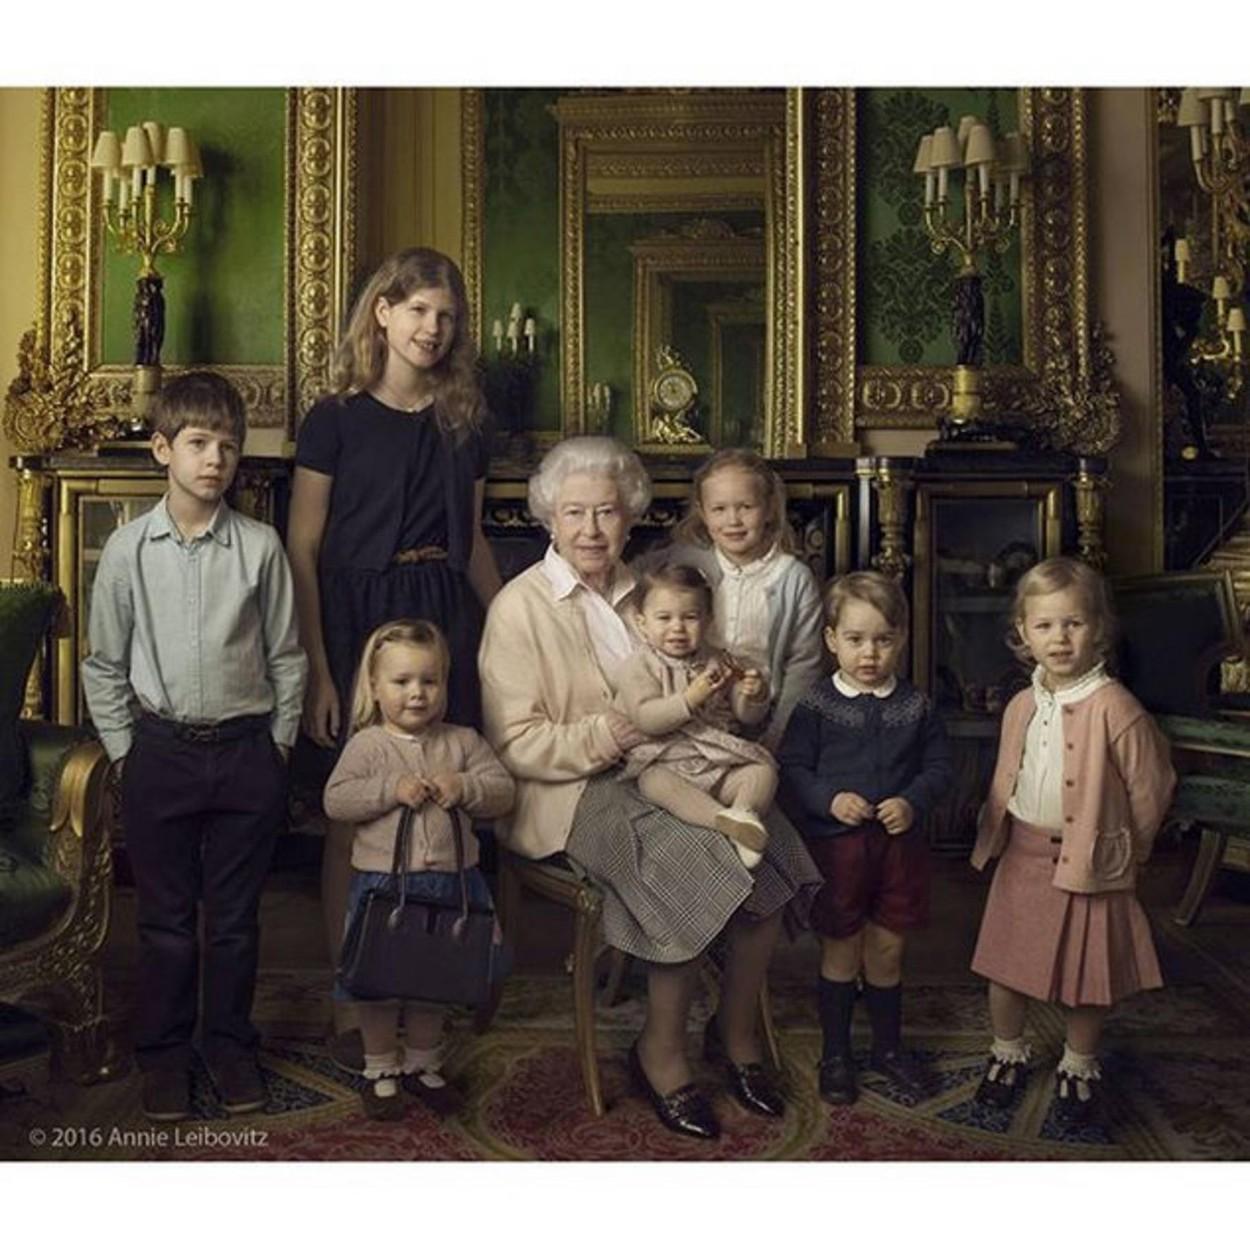 Középen: II. Erzsébet. Balról jobbra: ( a királynő legfiatalabb unokái) James, Viscount grófja, Lady Lujza Alíz Erzsébet Mary Mountbatten-Windsor, (a királynő dédunokái) Mia Tindall, Charlotte hercegn